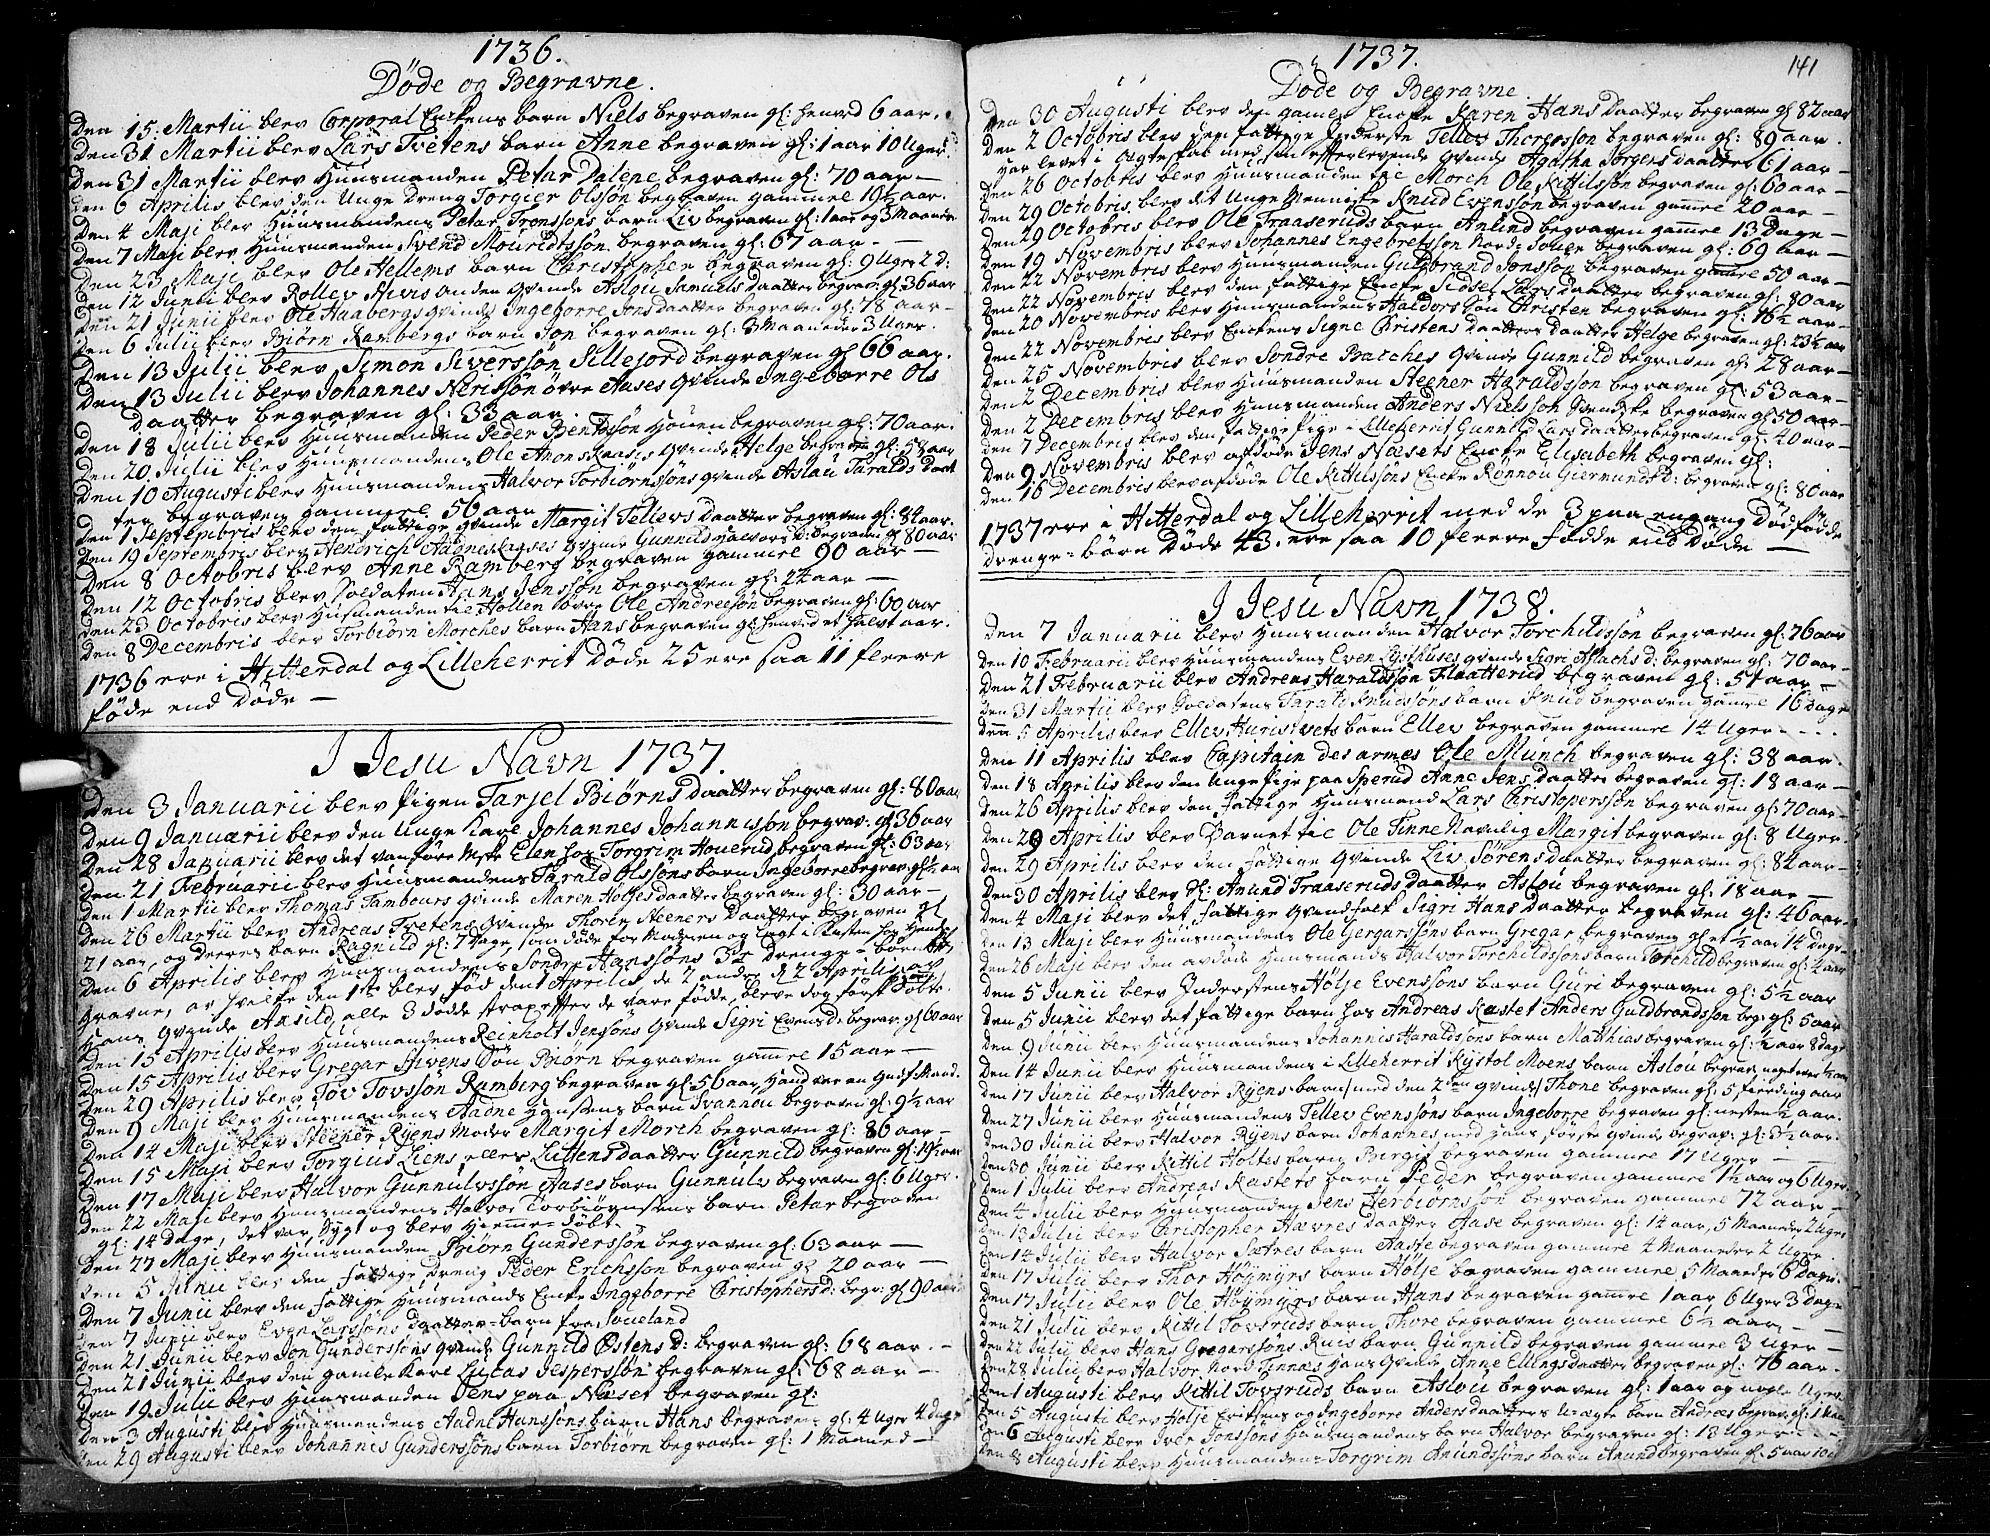 SAKO, Heddal kirkebøker, F/Fa/L0003: Ministerialbok nr. I 3, 1723-1783, s. 141